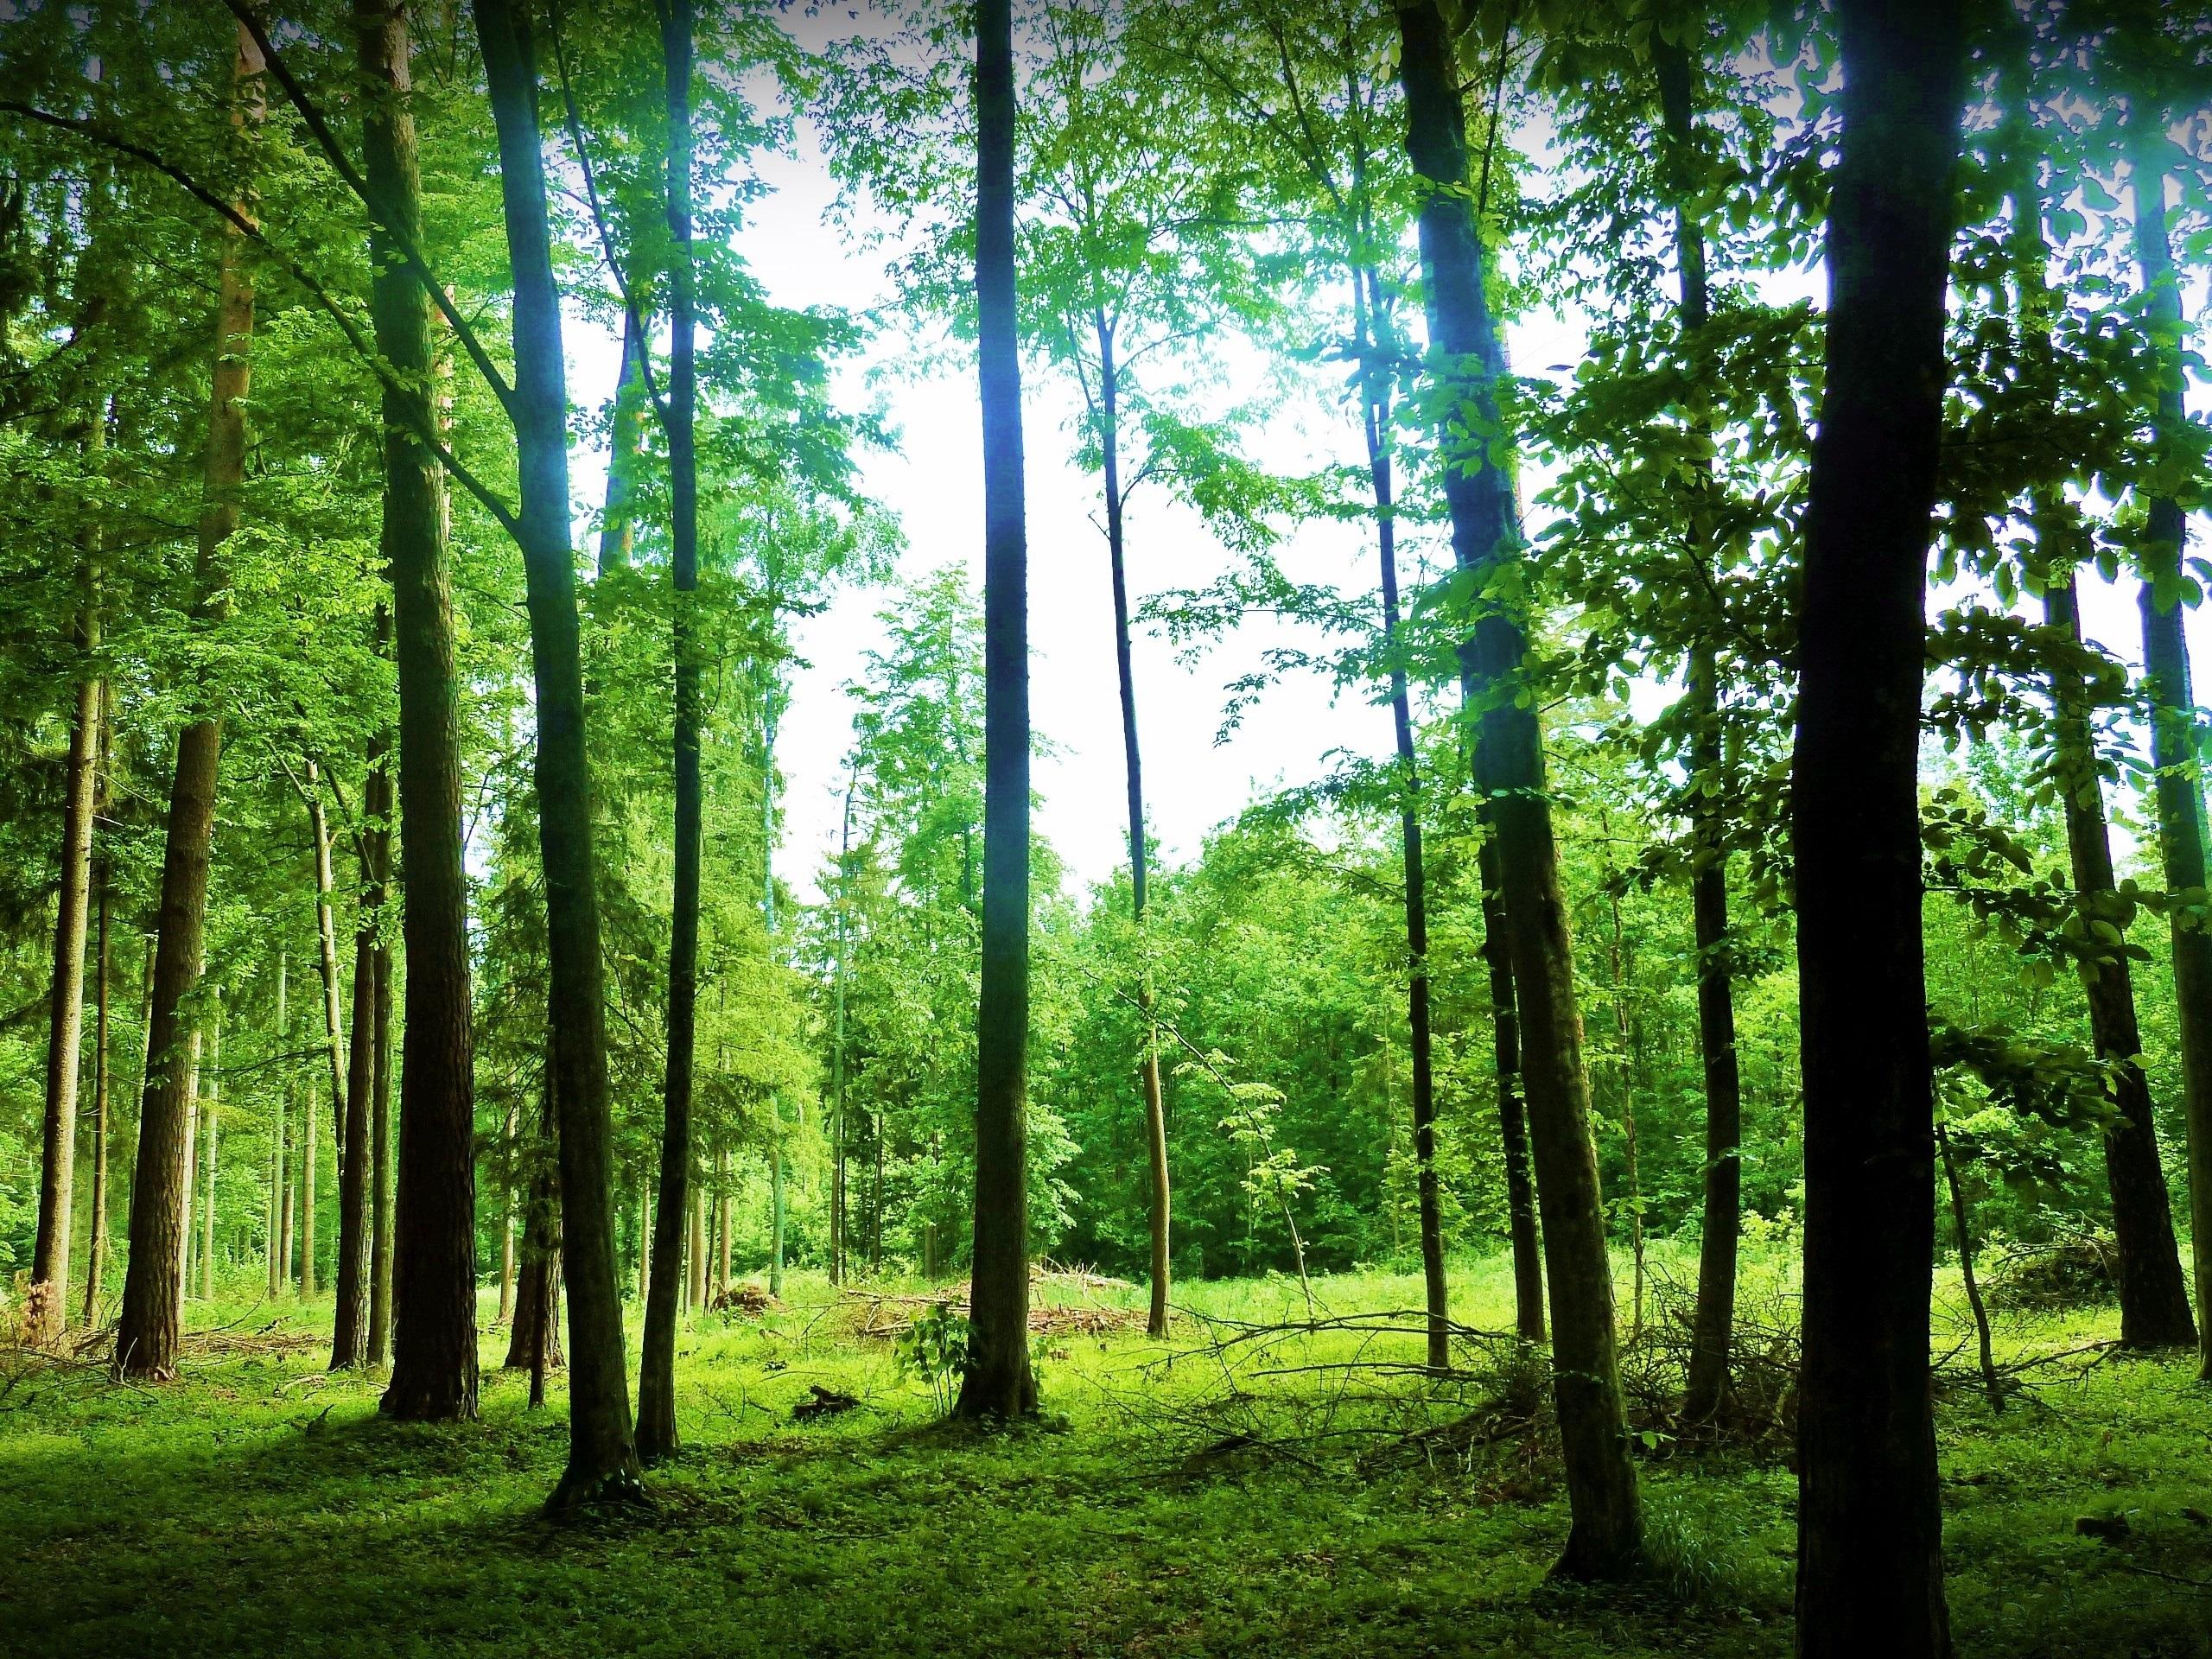 озеро деревья зелень лес лето  № 3246421 загрузить